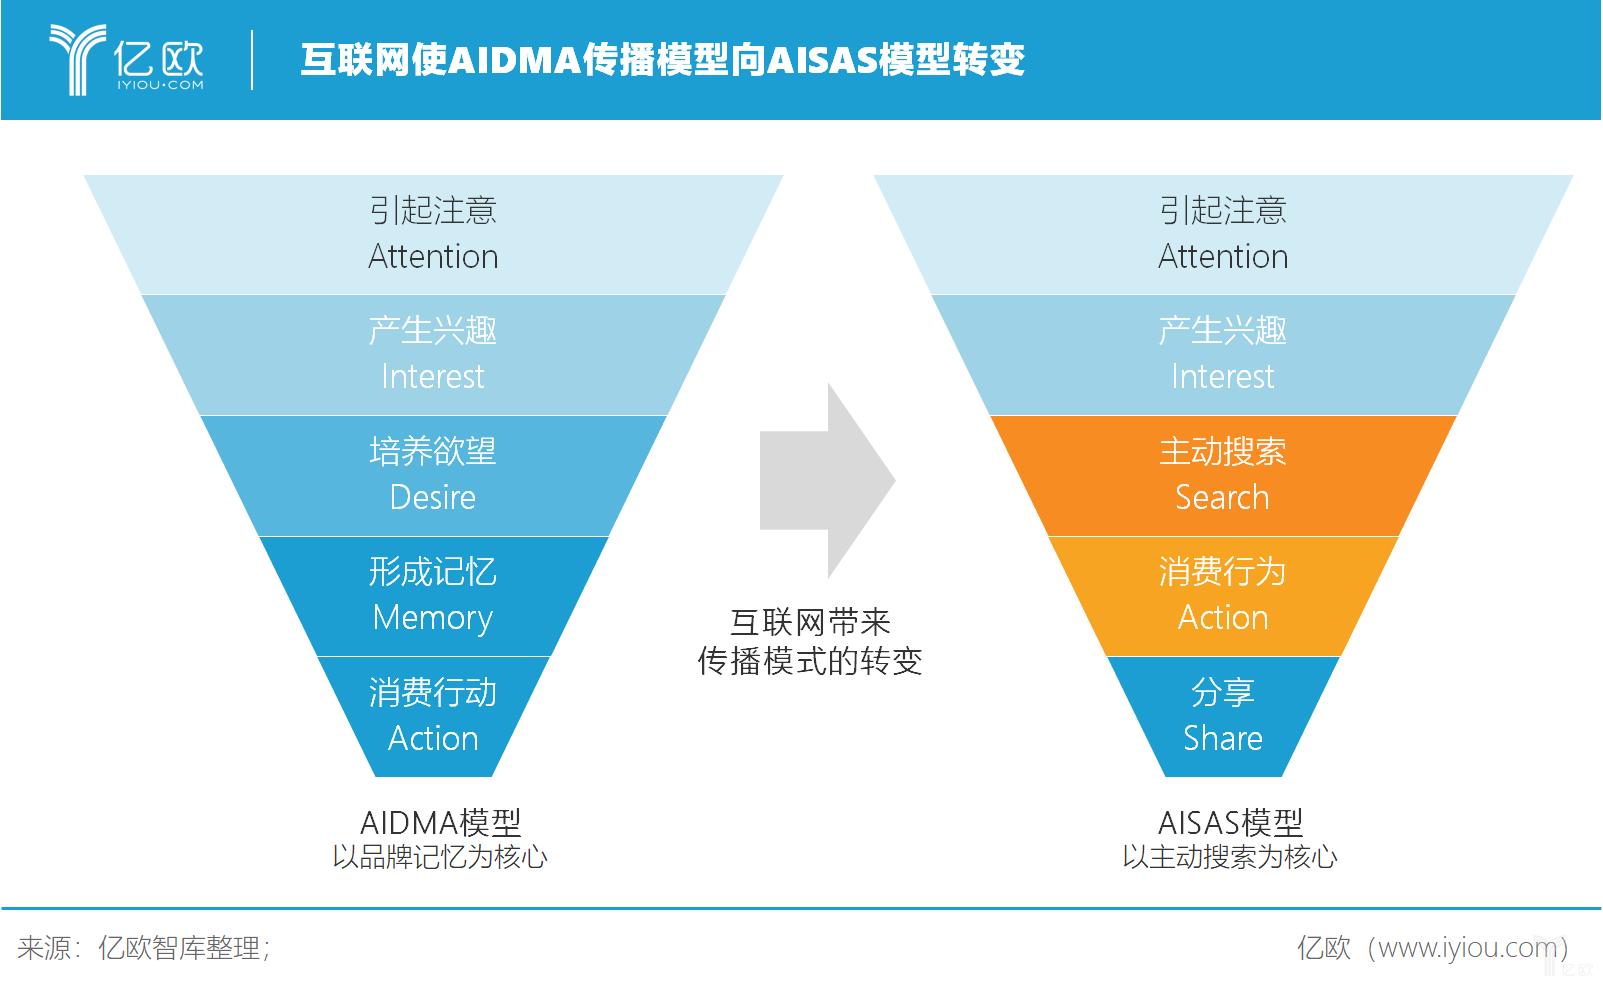 亿欧智库:互联网使AIDMA传播模型向AISAS模式转变